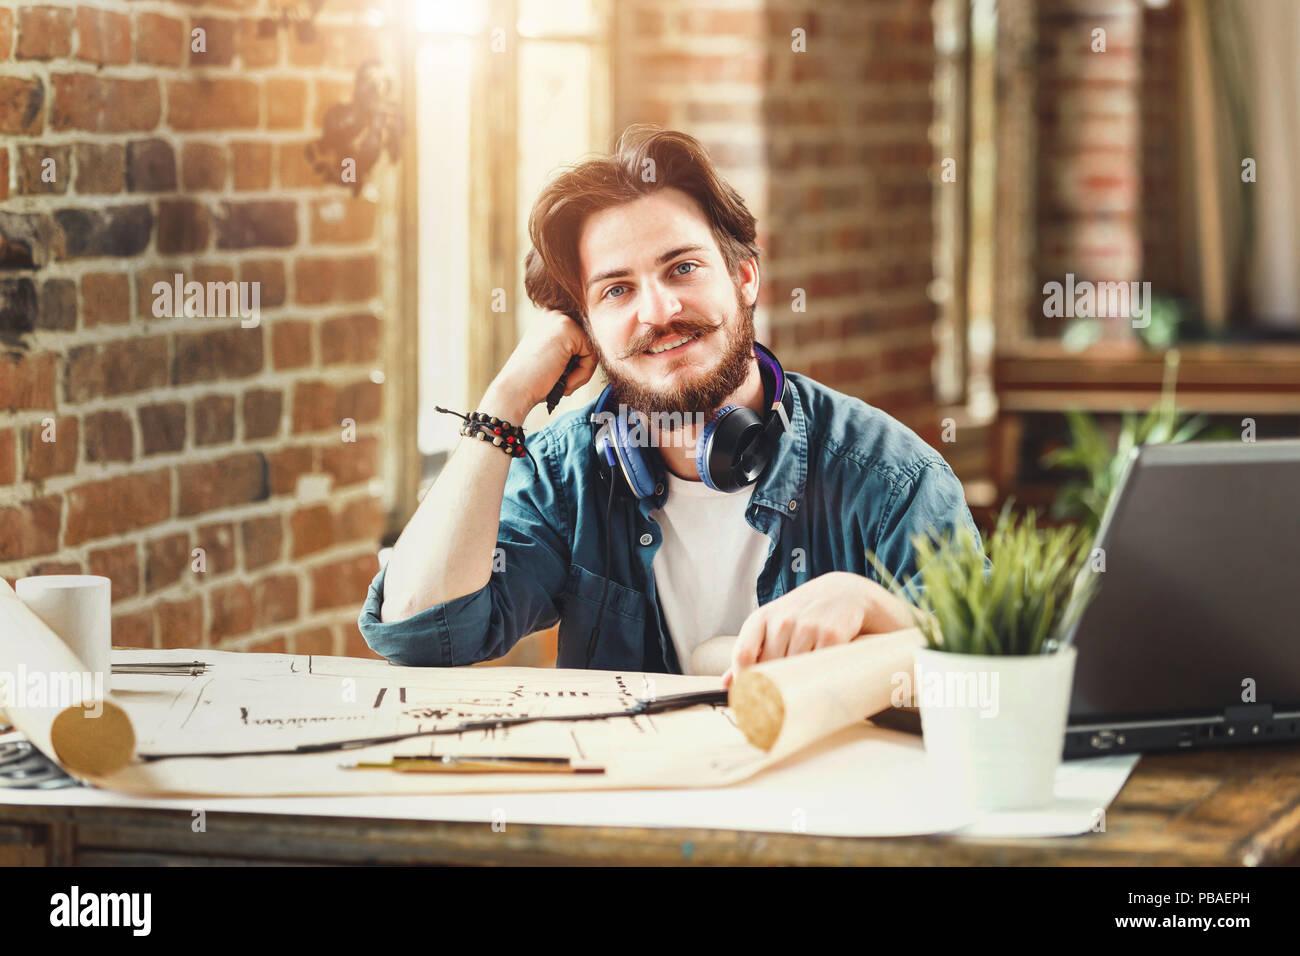 Macho arquitecto barbudo sonríen a la cámara sentado en su escritorio en la oficina, trabajando en la construcción de planes de desarrollo de proyecto de ingeniería de creatividad copyspace ocupación trabajador carrera empresaria de éxito. Imagen De Stock